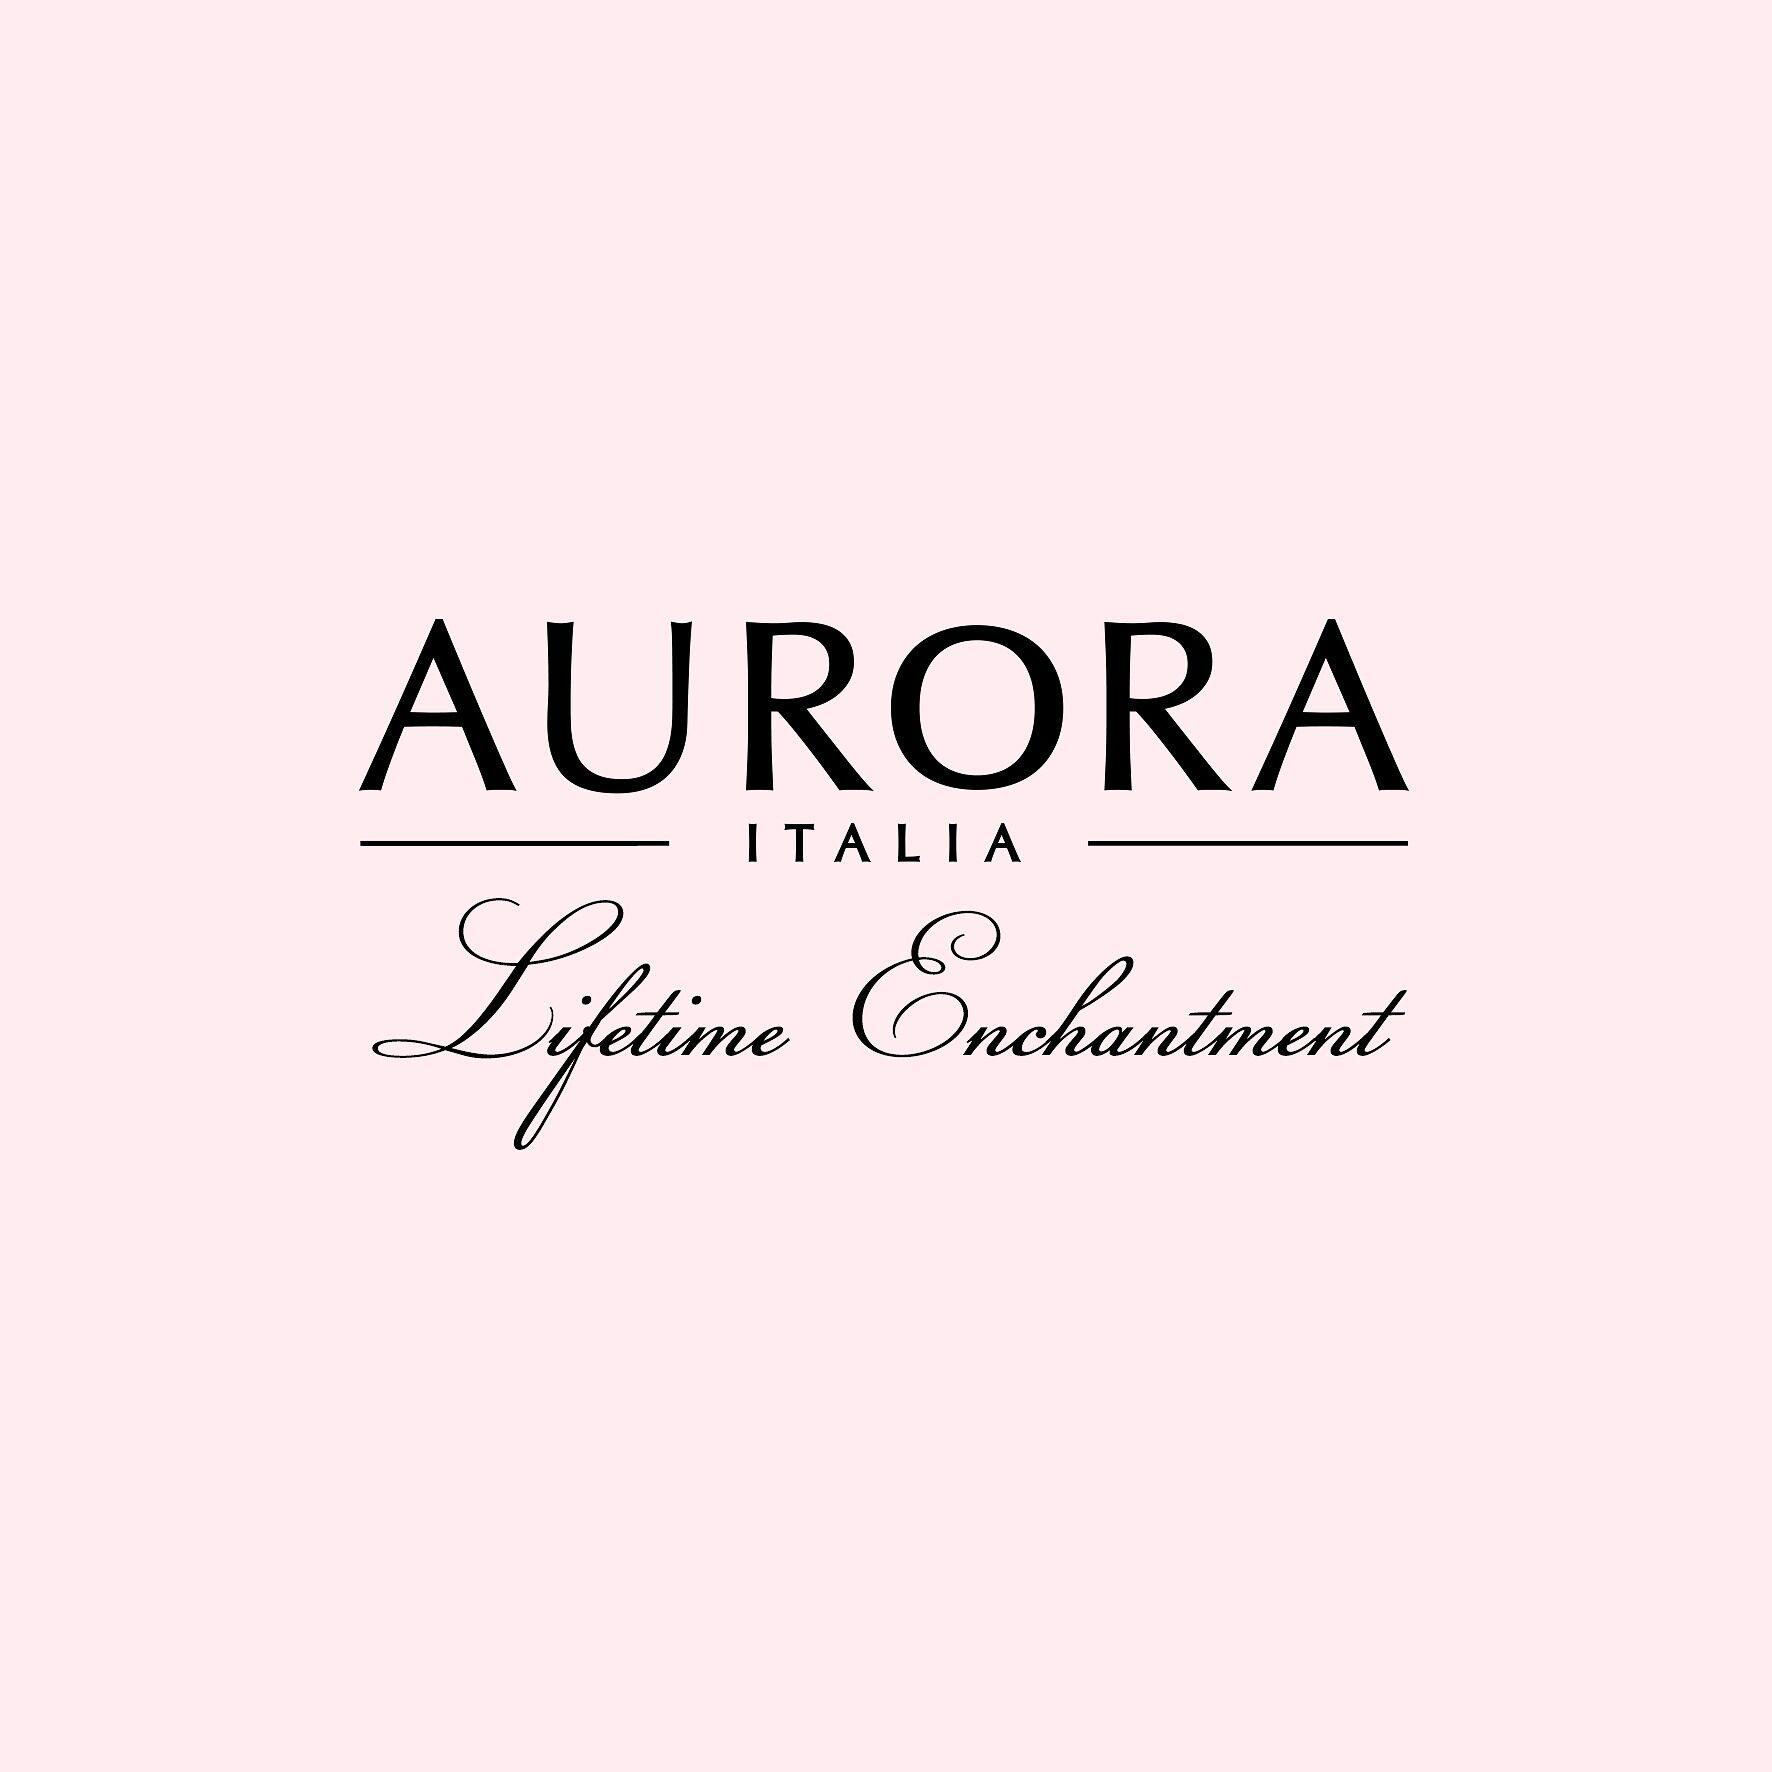 Aurora Italia